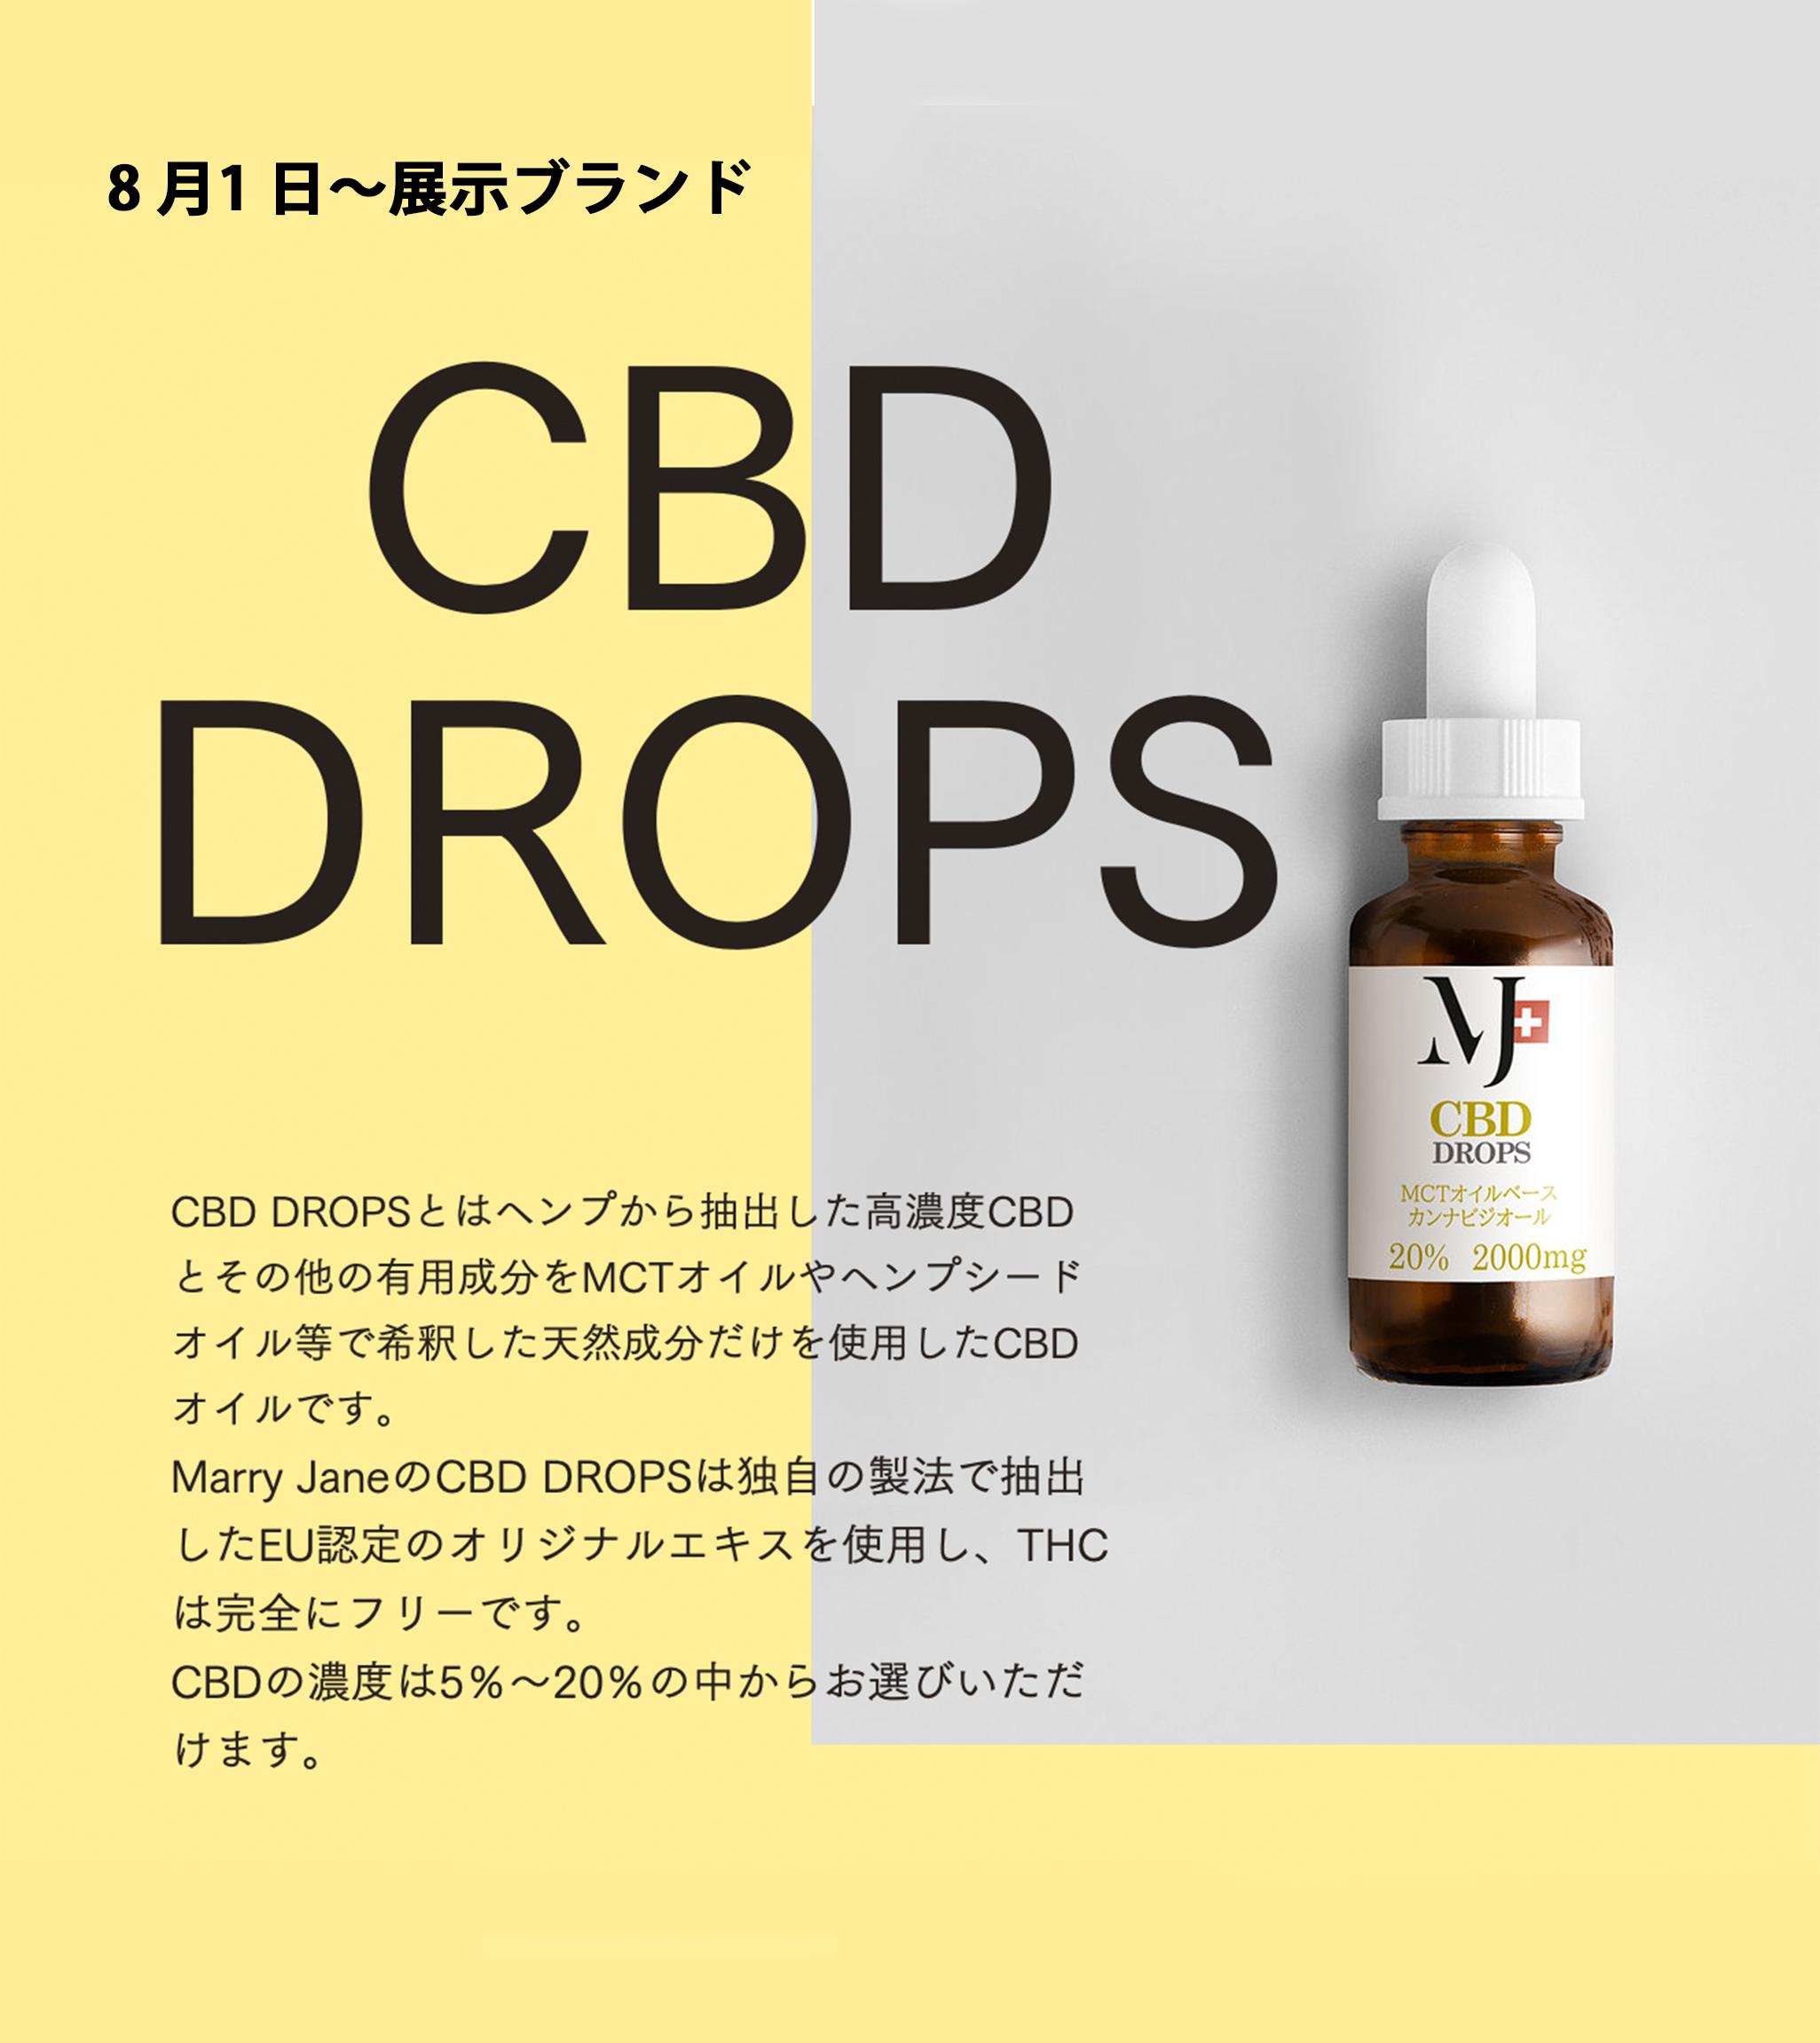 スイス発のCBDブランド。欧米で急速に発展し、ついに日本上陸!